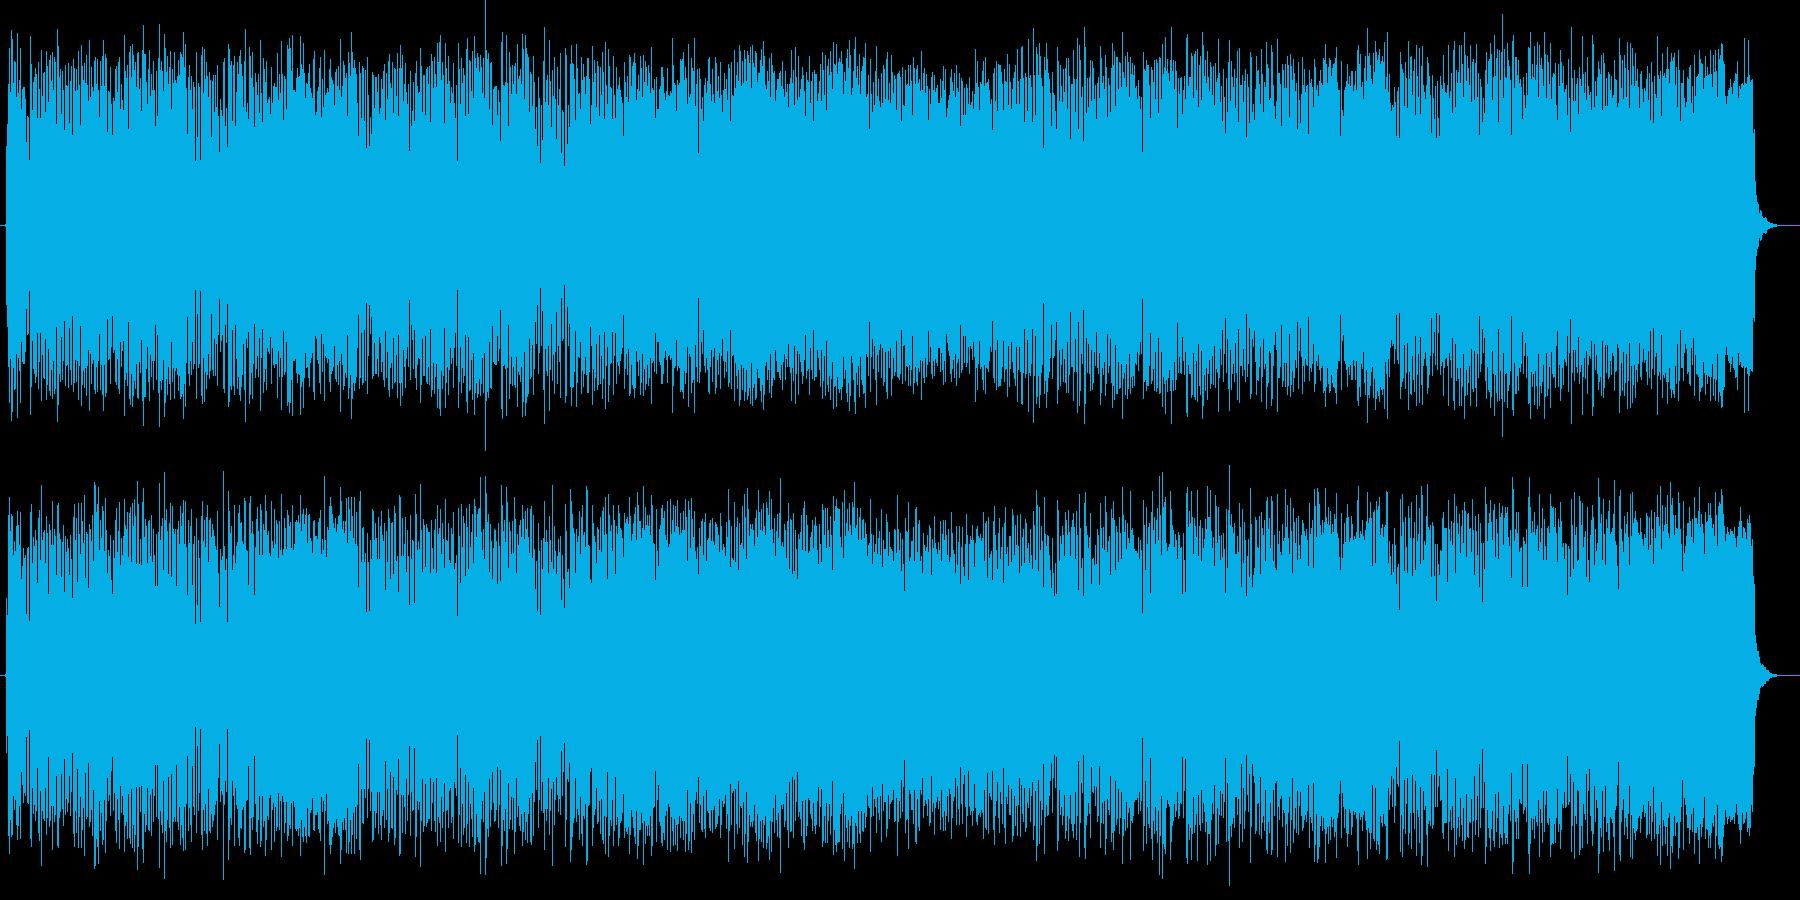 ポップな壮大さを感じる曲の再生済みの波形